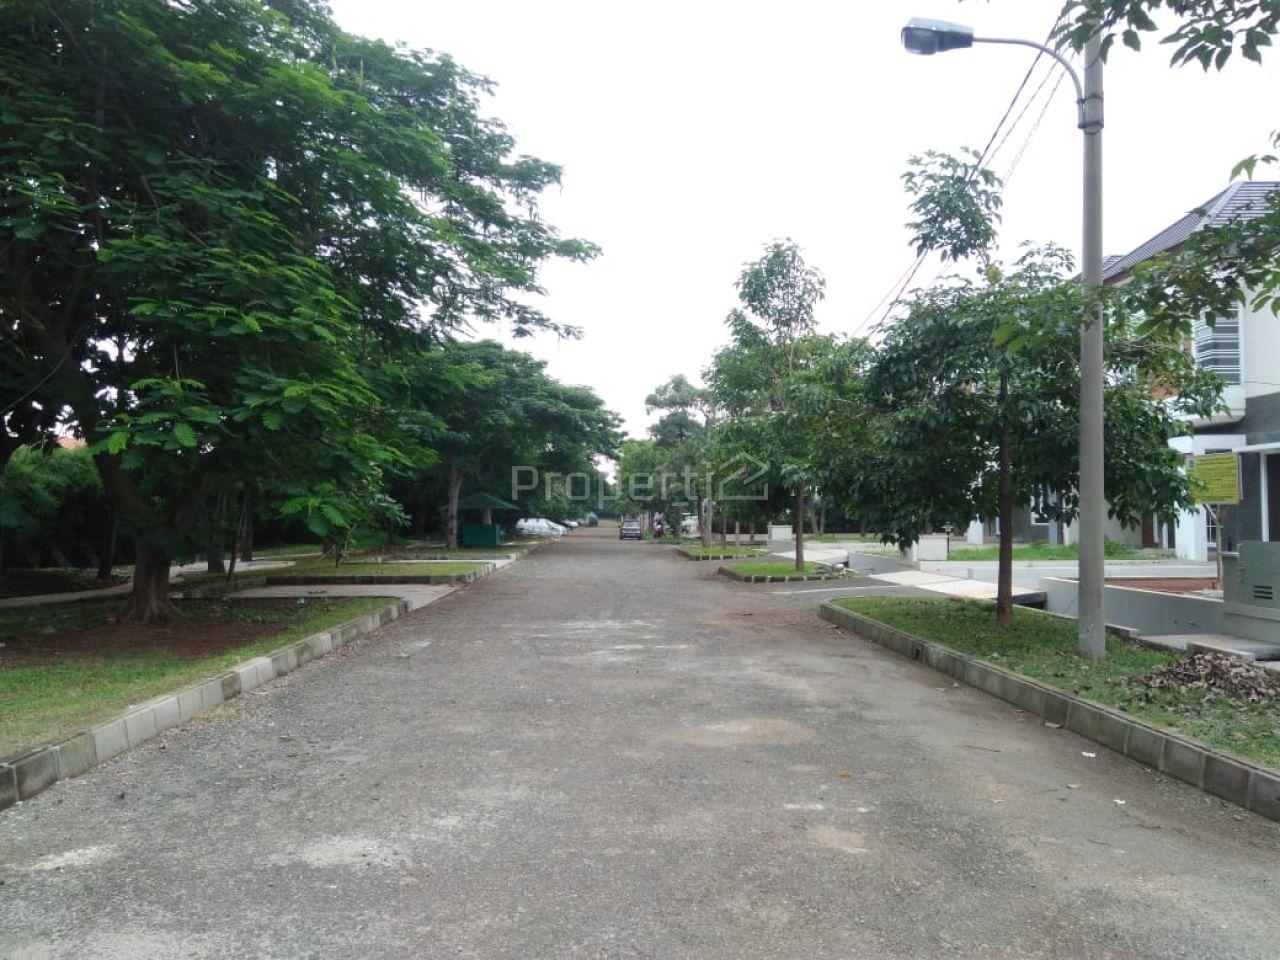 Rumah Baru 2 Lantai di Pulogebang Kirana, DKI Jakarta